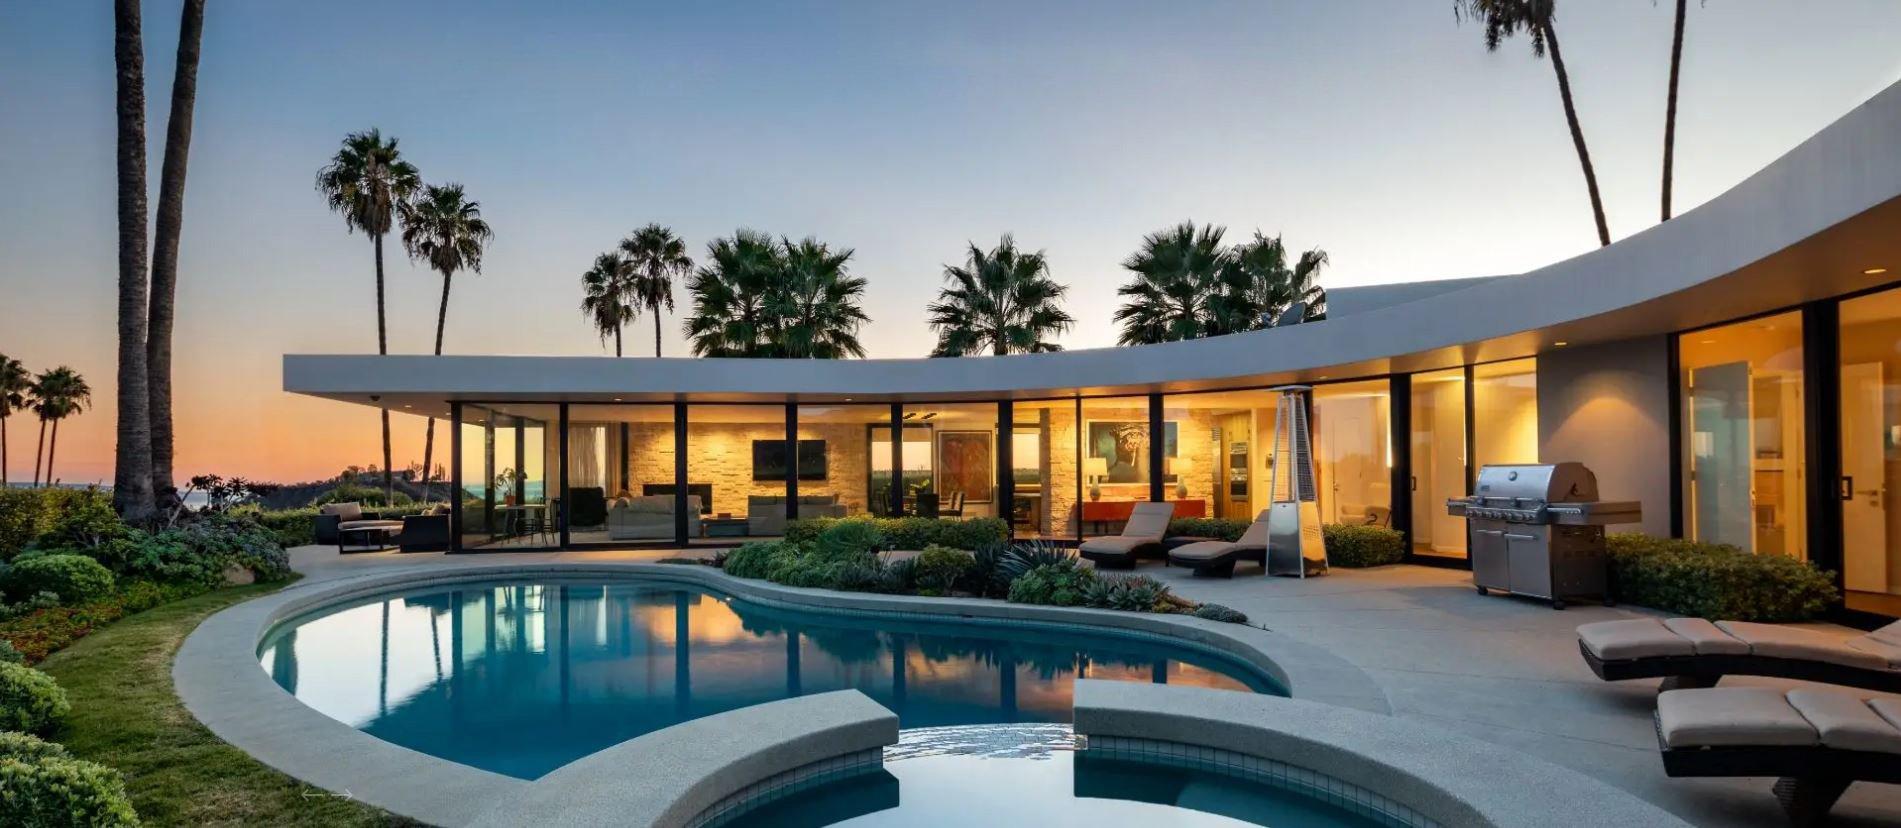 METRO GRAB from https://hiltonhyland.com/ Take a look at Elon Musk's palatial LA home Credit: Hilton & Hyland - https://hiltonhyland.com/